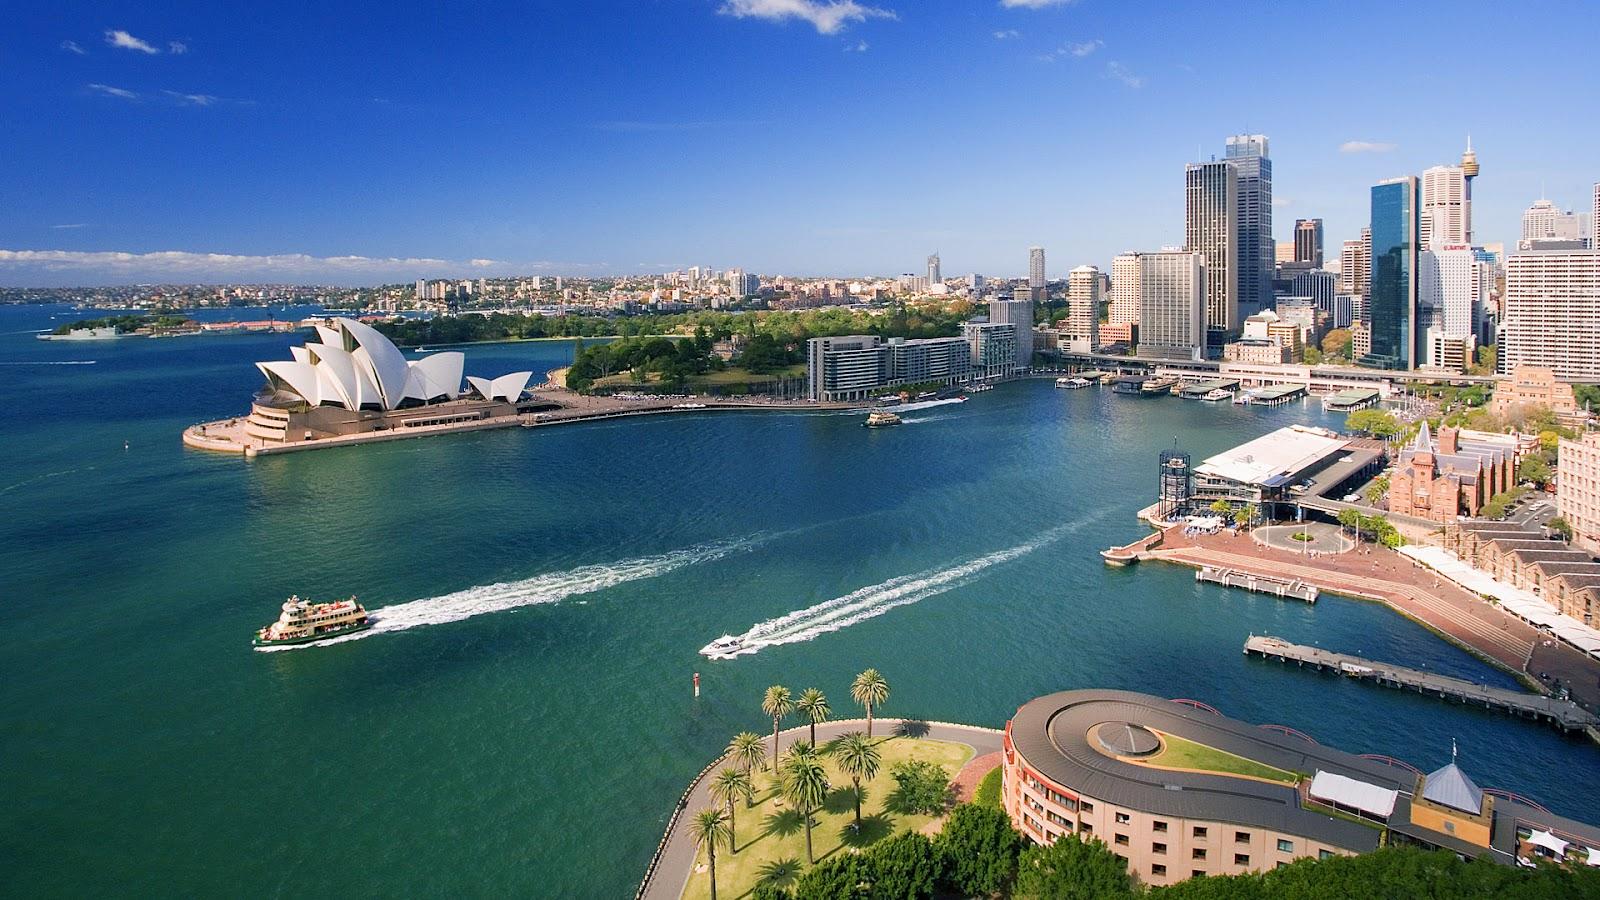 Sidney2+viajes+y+turismo